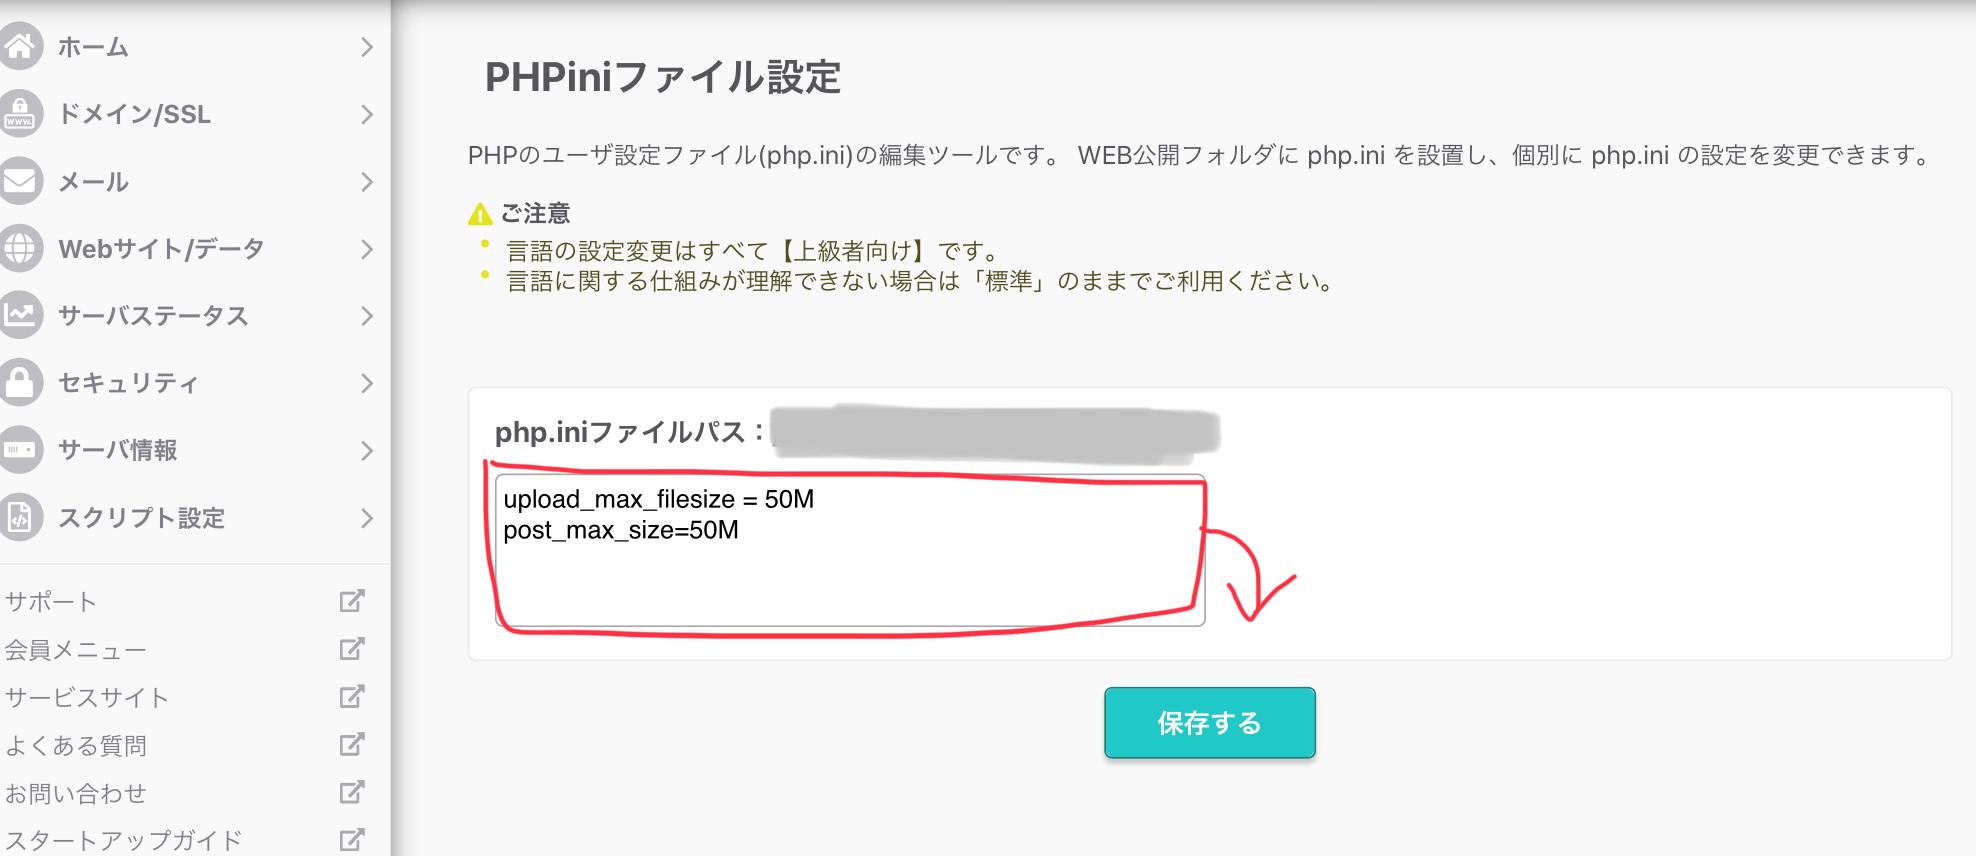 さくらサーバー php.ini設定方法